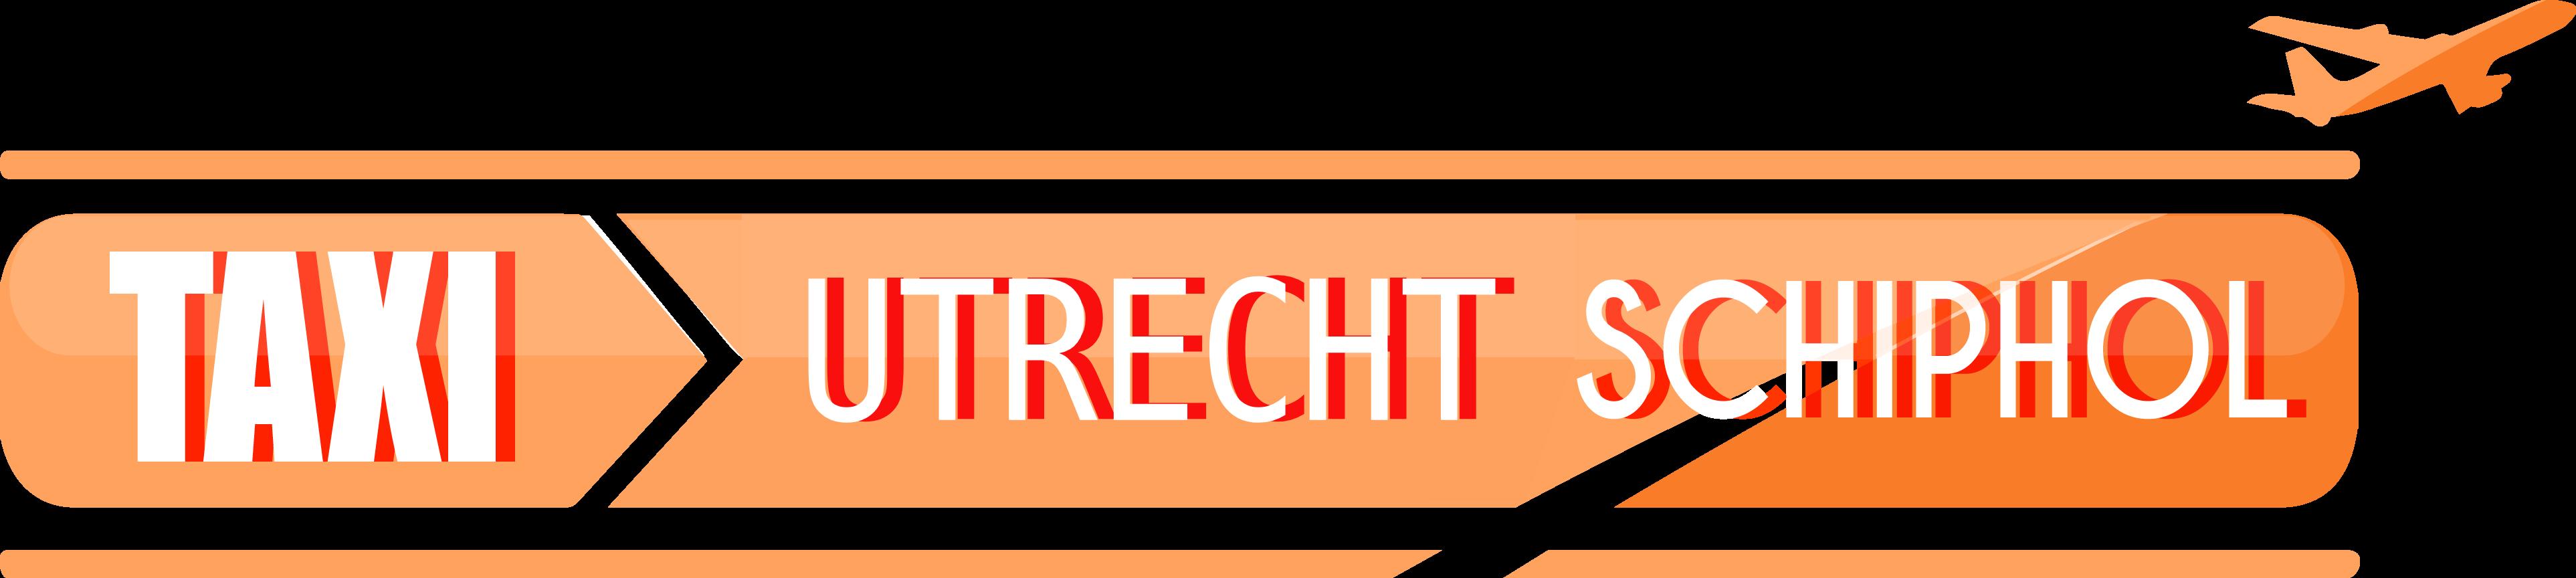 Taxi Utrecht Schiphol